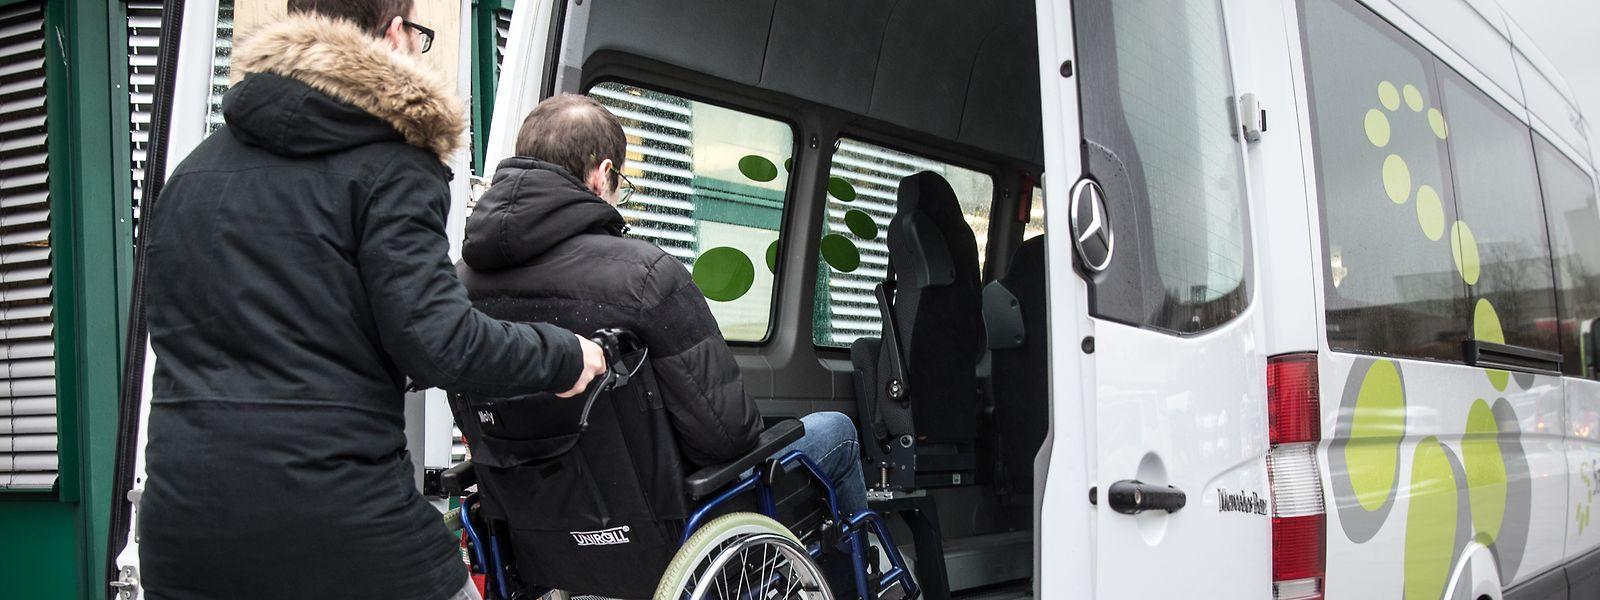 Im vergangenen Jahr hat der Adapto-Fahrdienst landesweit insgesamt 4.786 Menschen befördert.